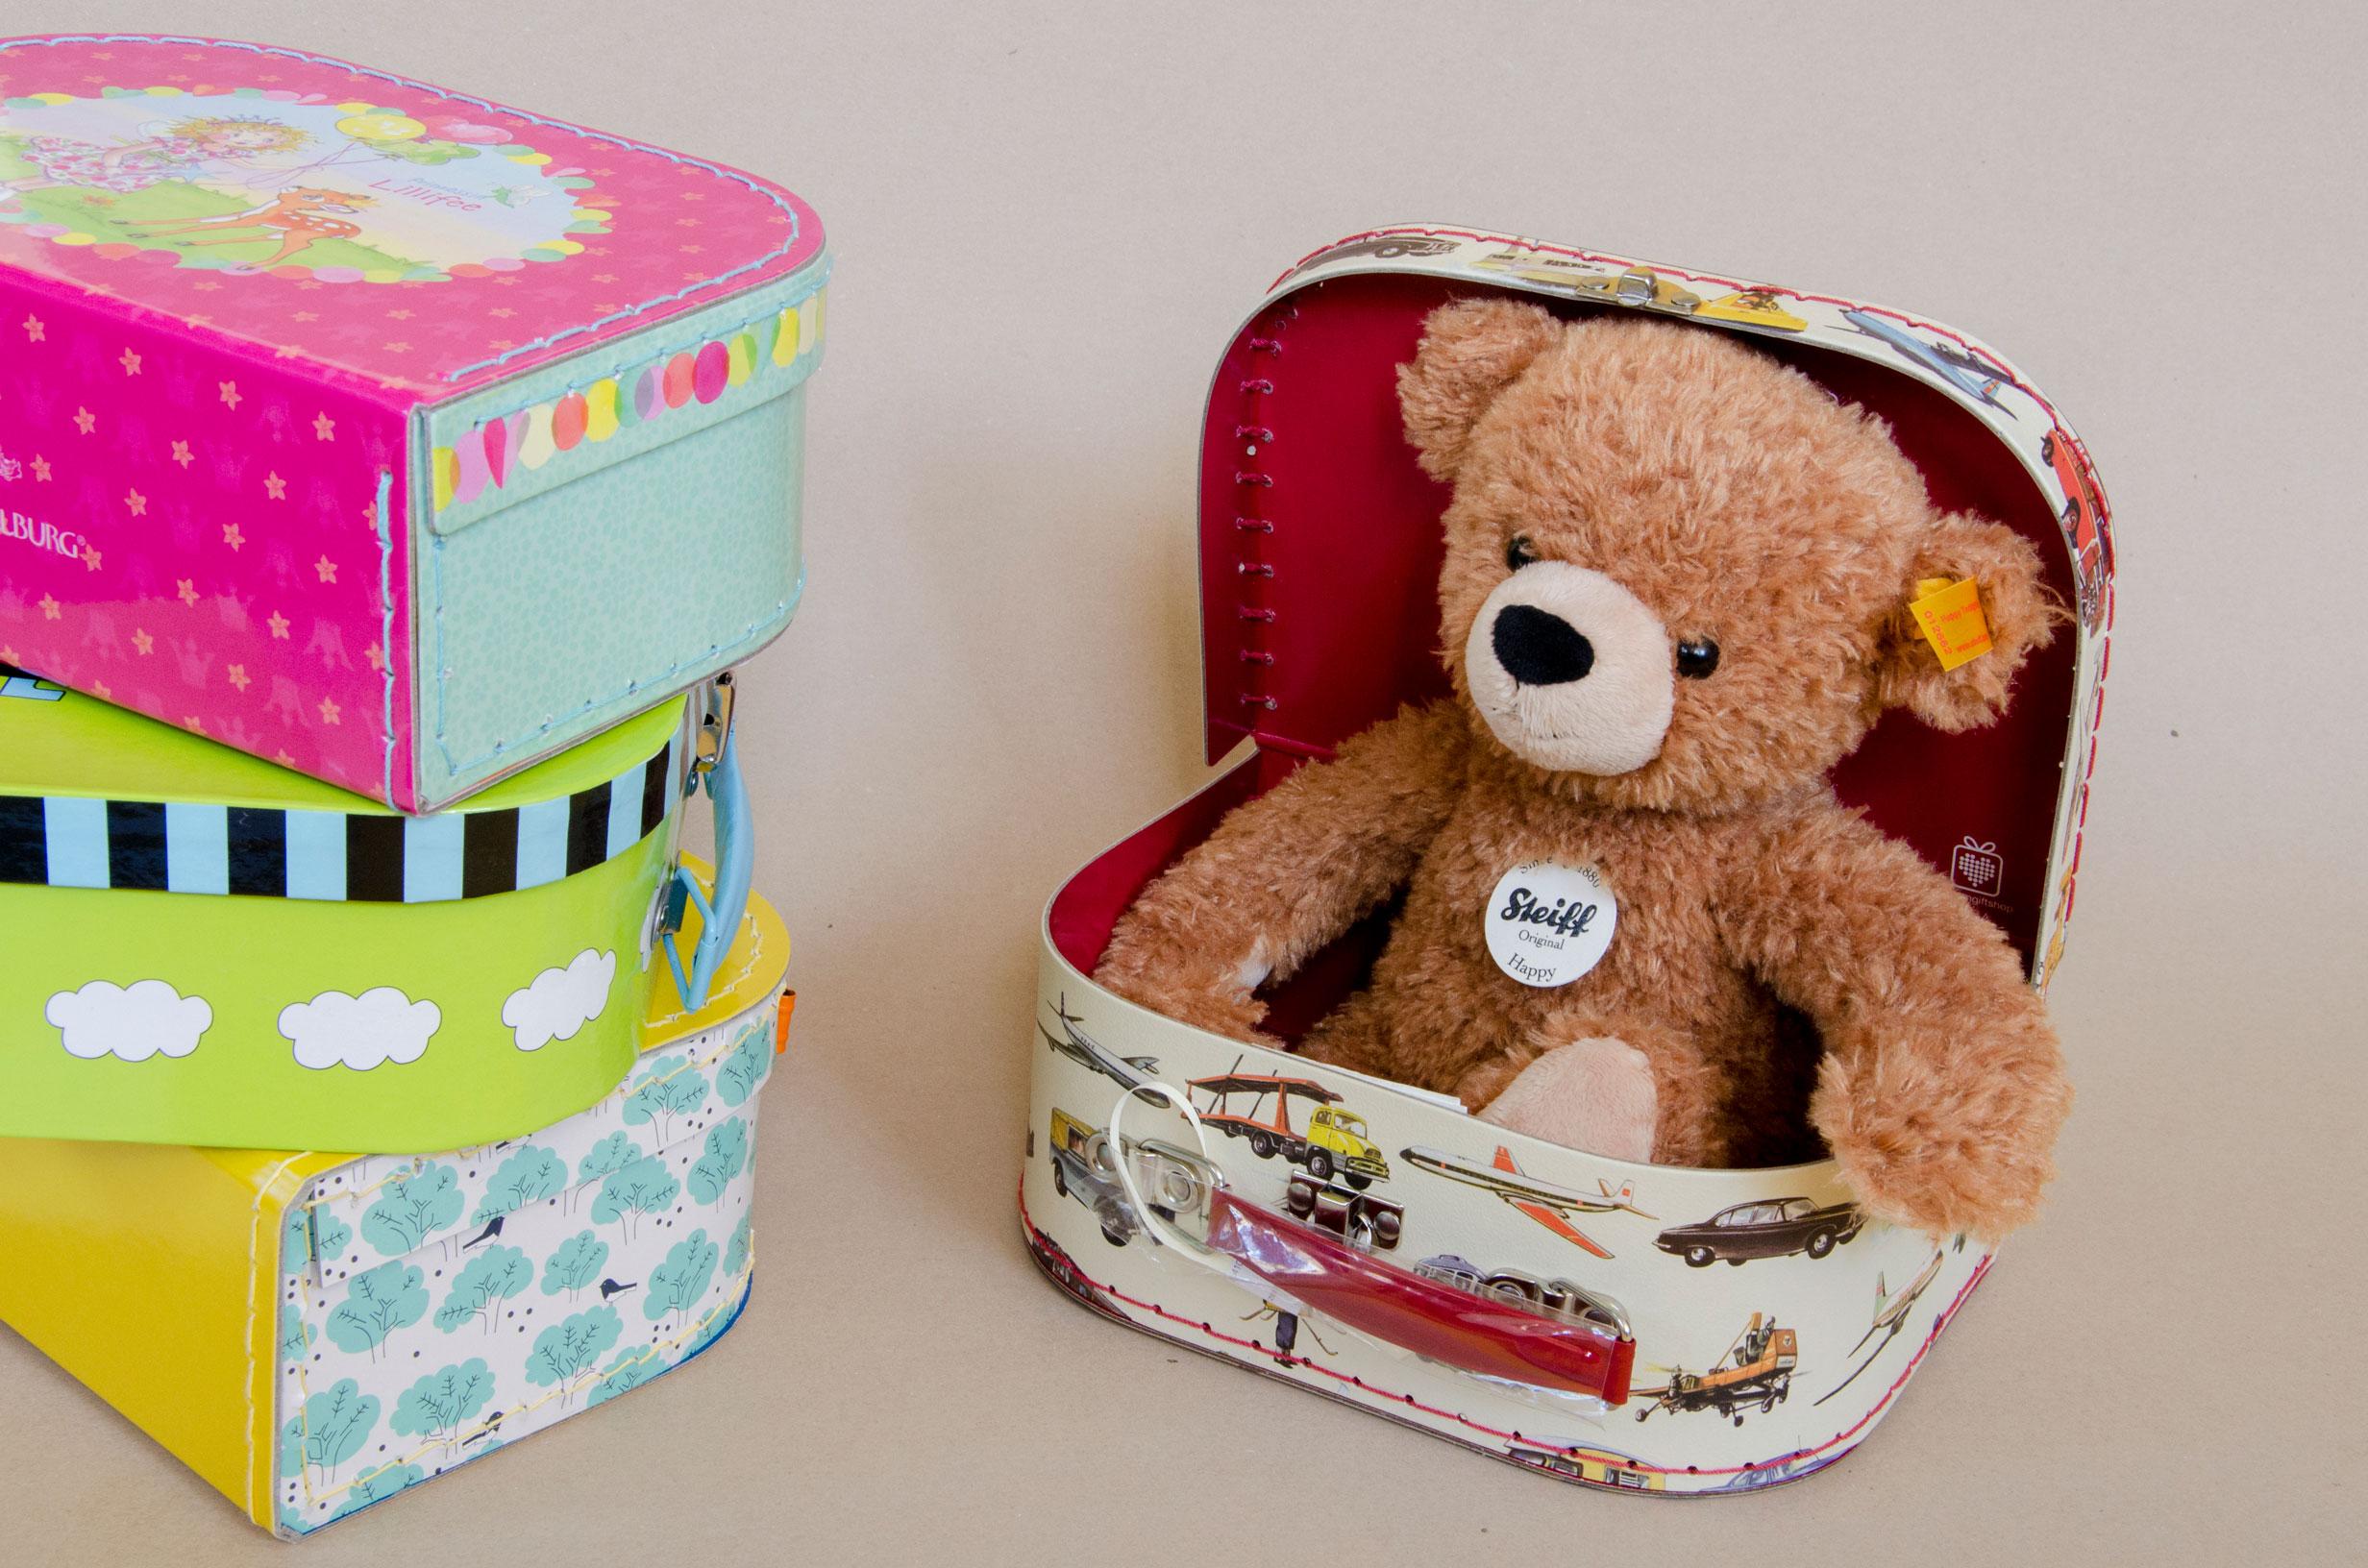 Koffer 24.00 CHF/ Bär 53.80 CHF